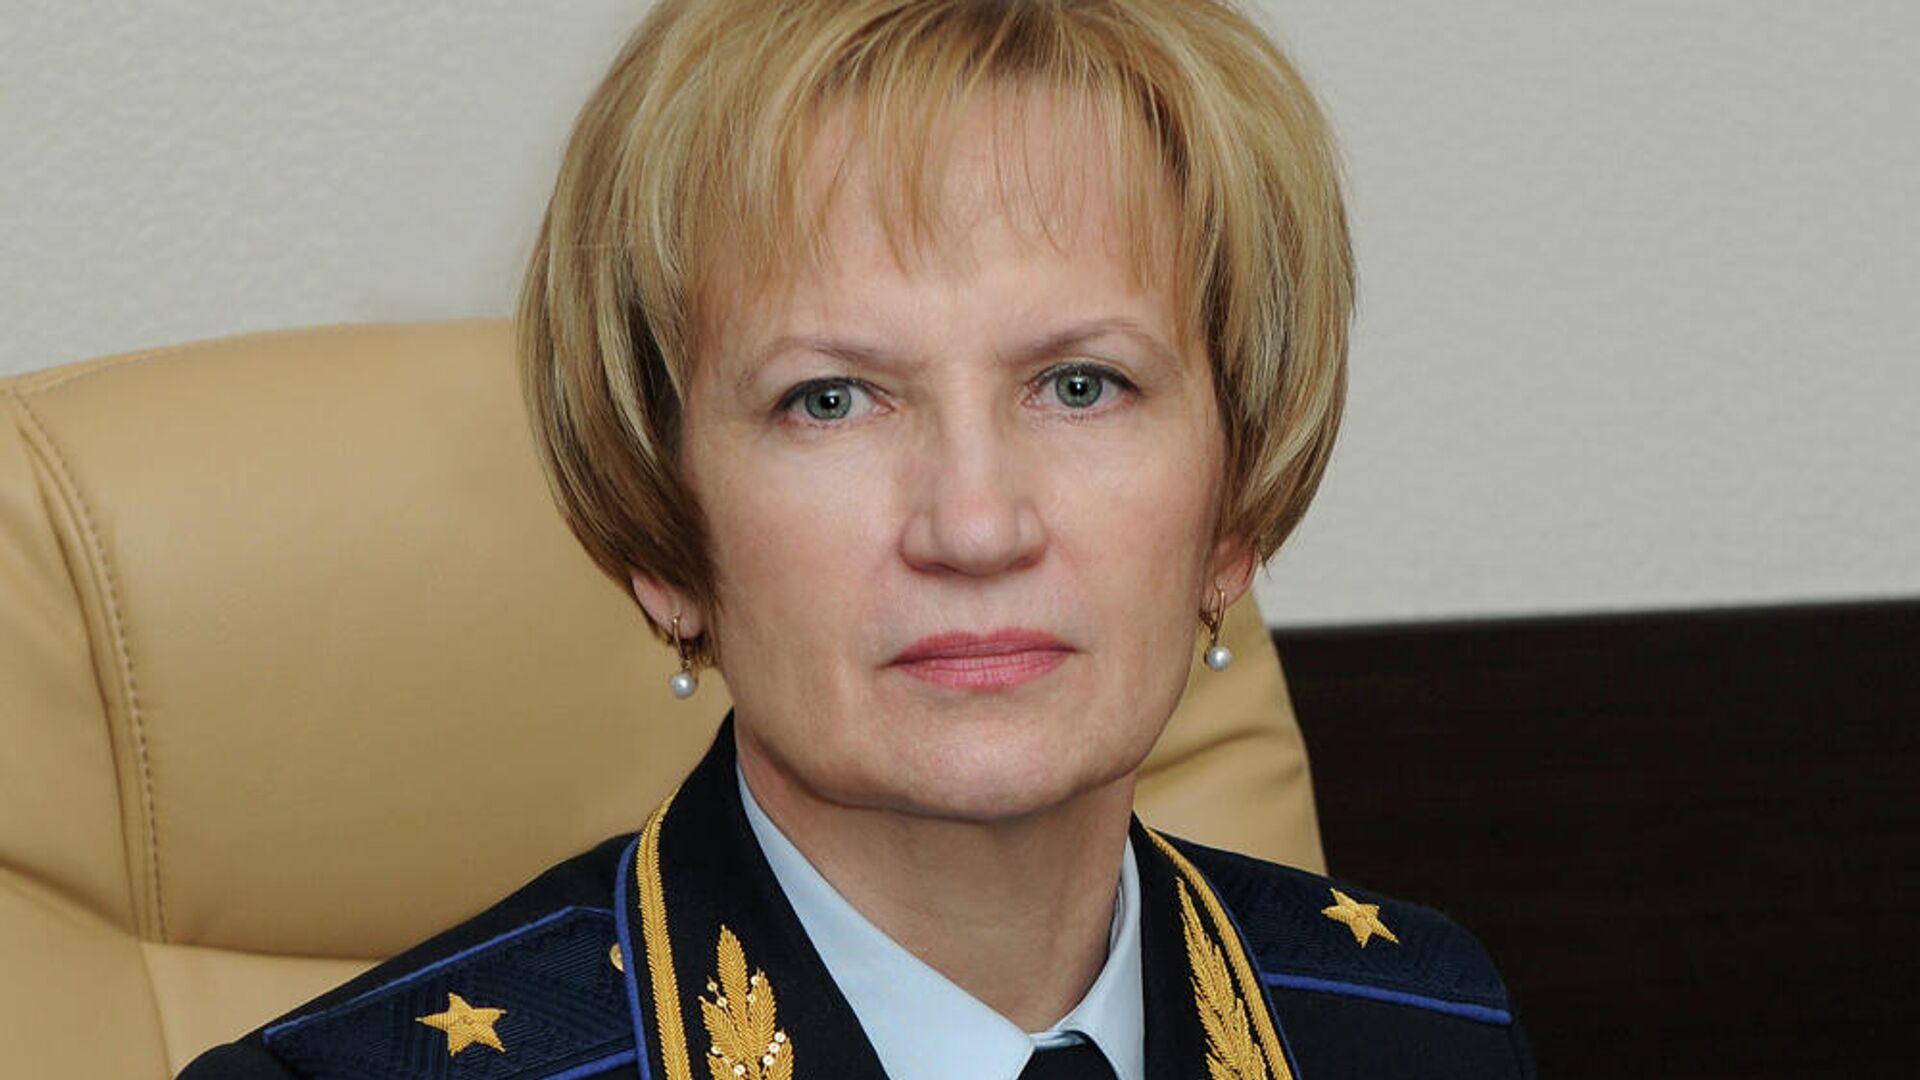 Глава полицейского следствия Москвы рассказала о причинах отставки